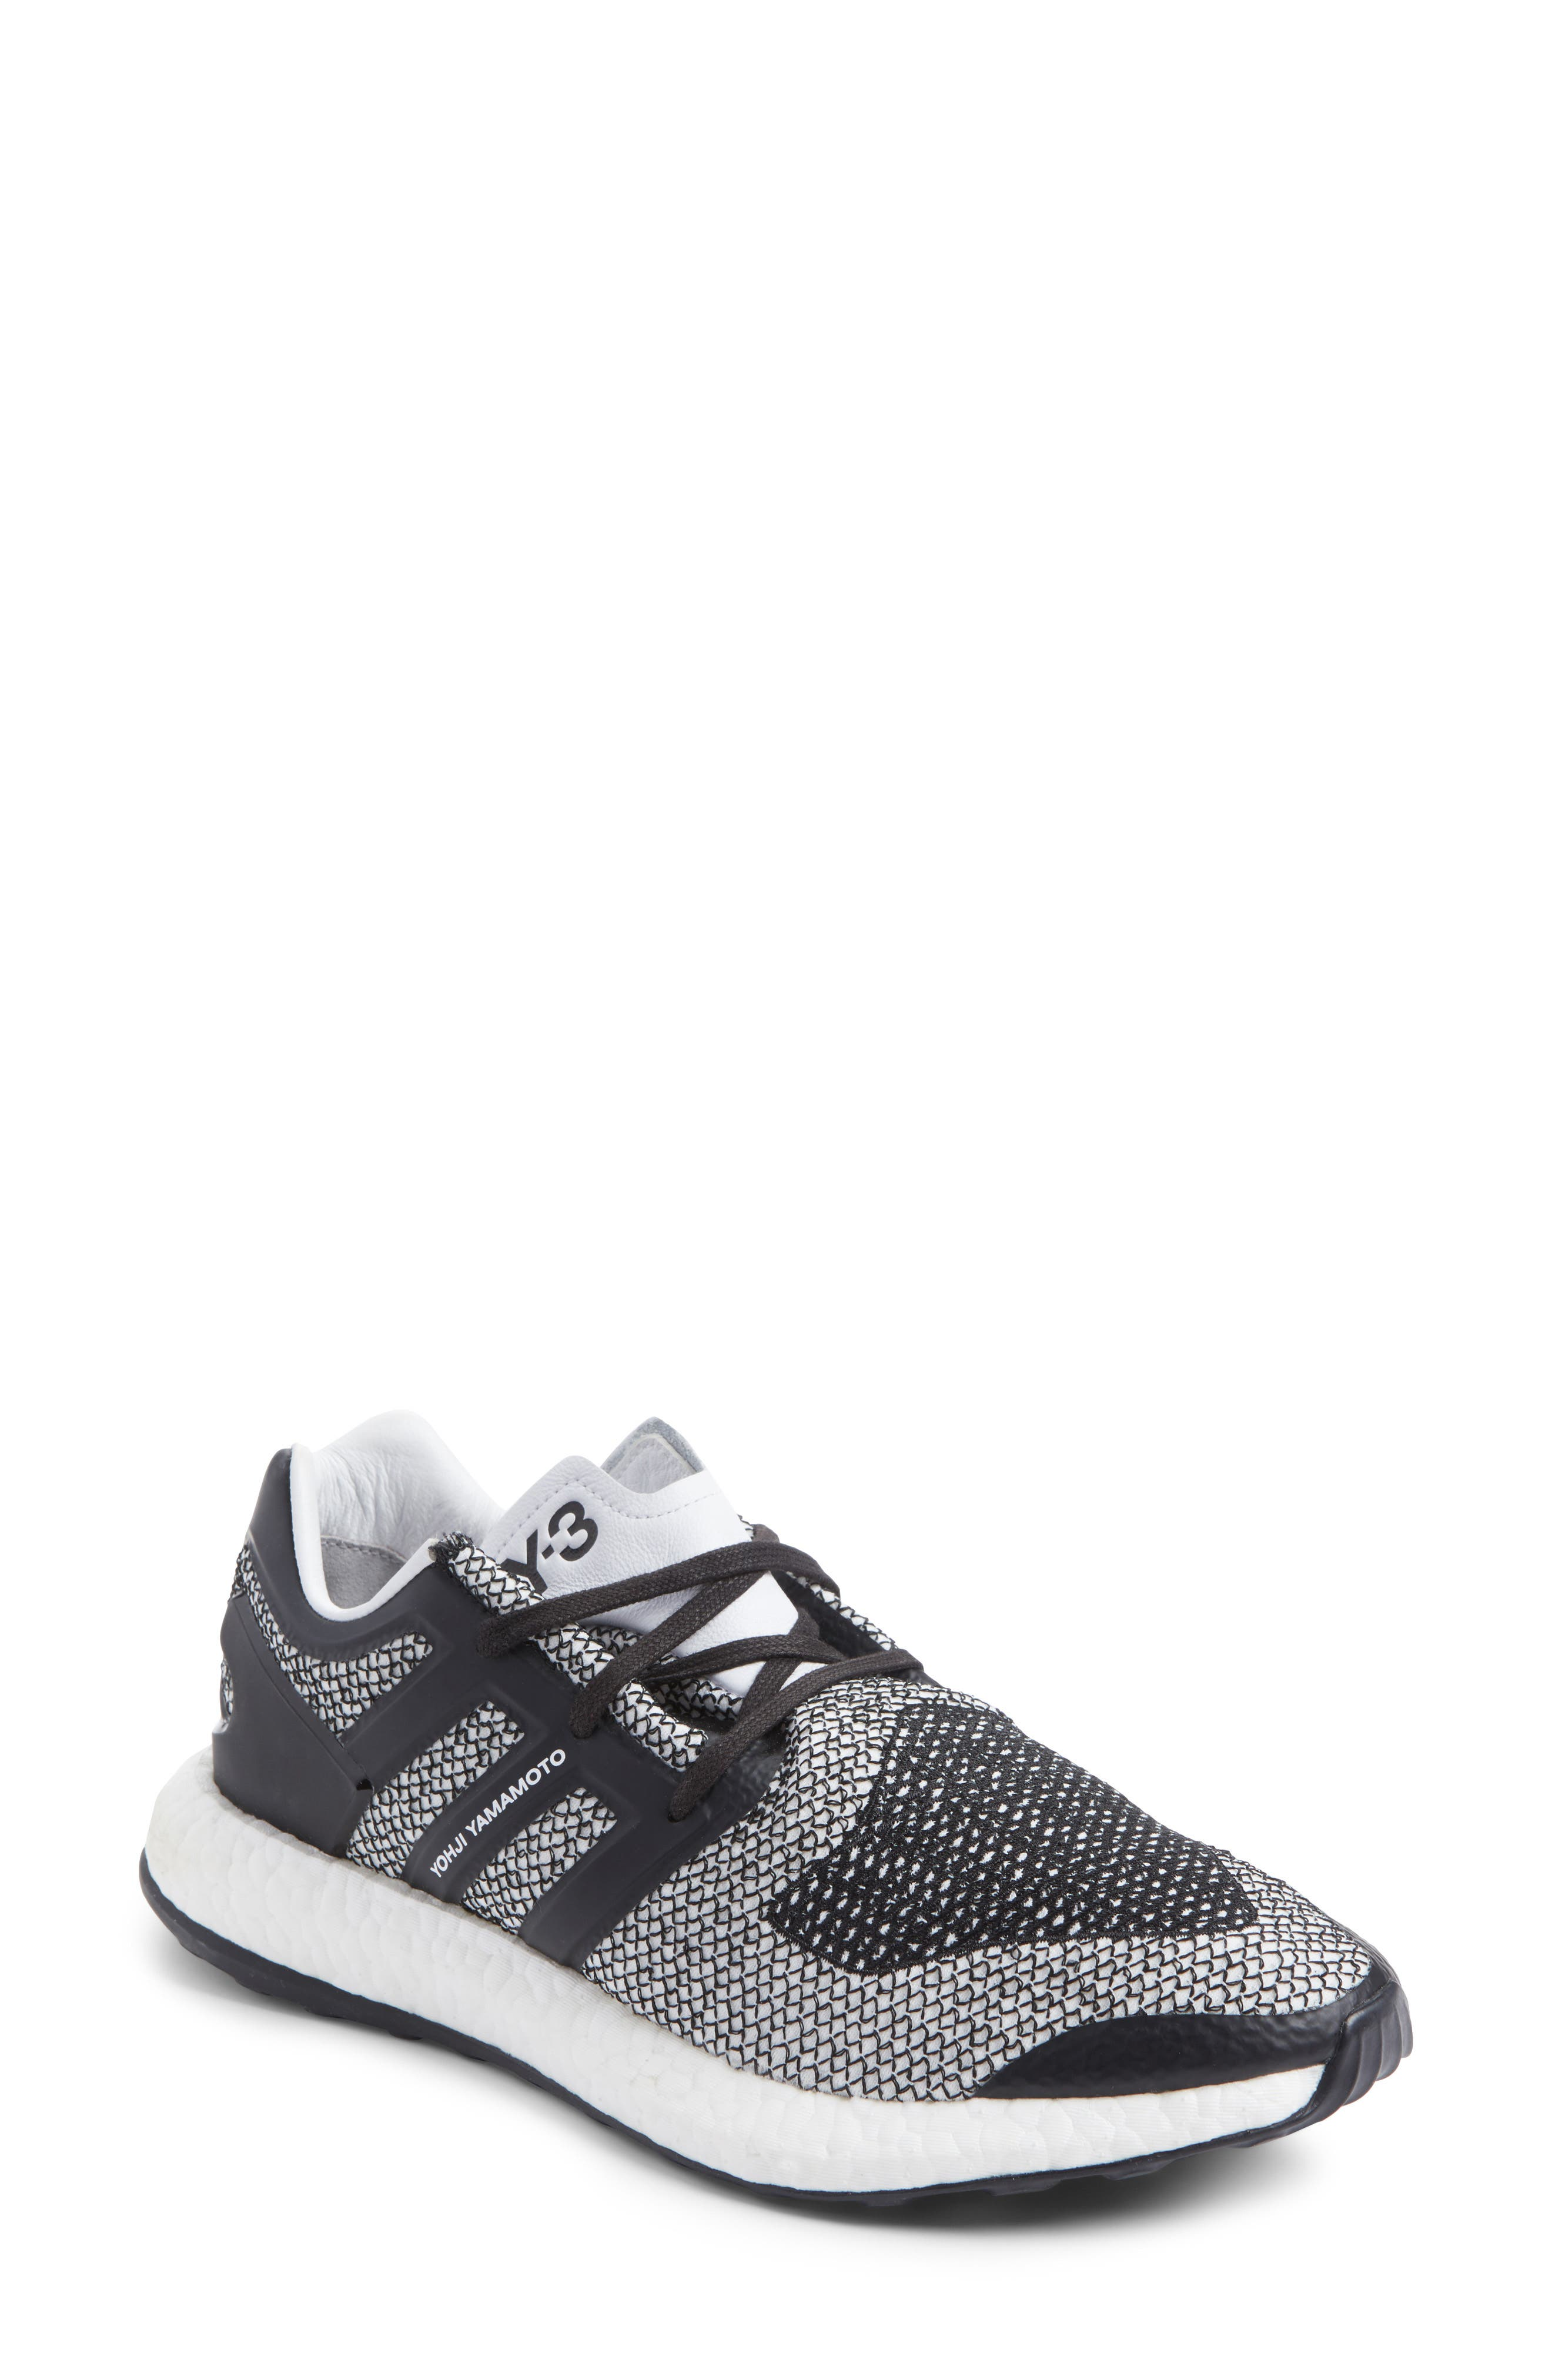 PureBoost Sneaker,                         Main,                         color, White/ Core Black